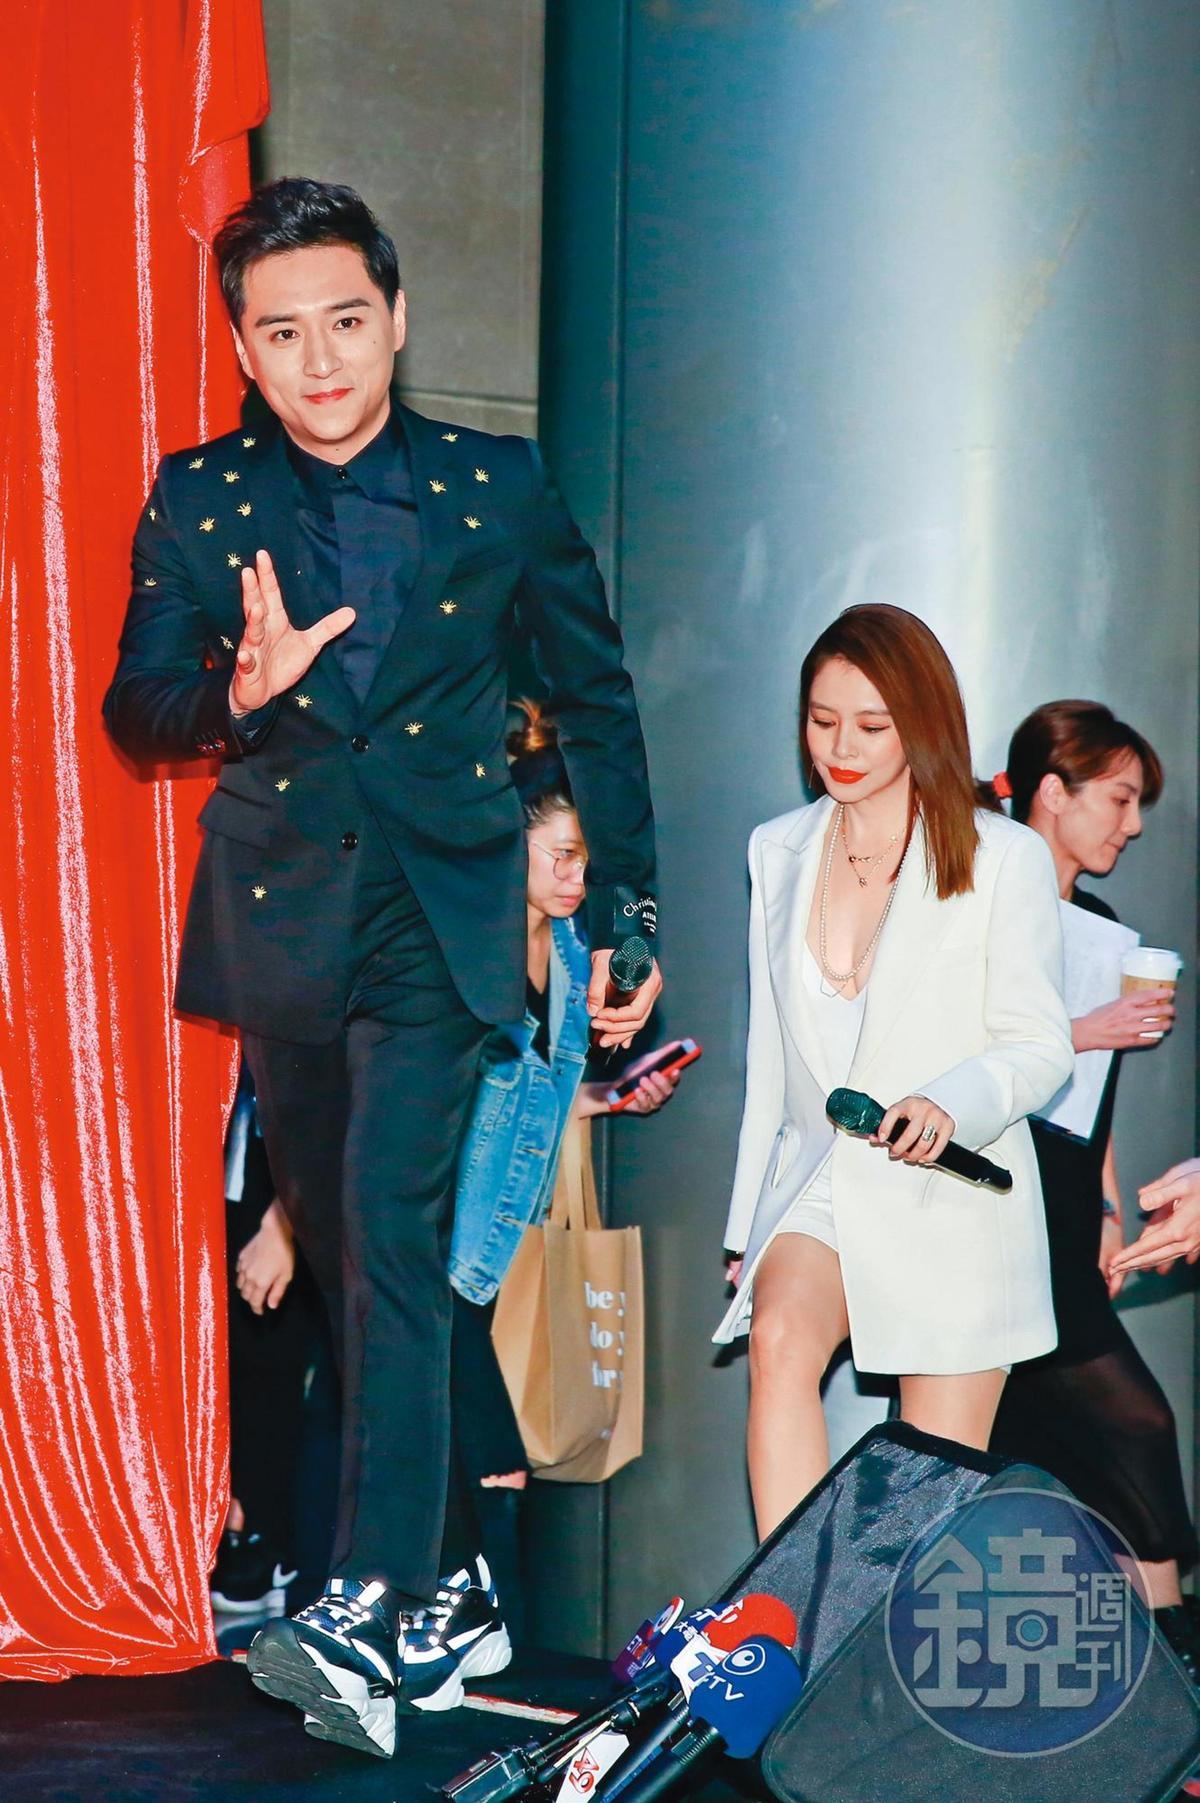 這幾年鄭人碩戲愈拍愈多,前年包括與徐若瑄(右)合演的《人面魚》在內,1年就有3部電影上映。